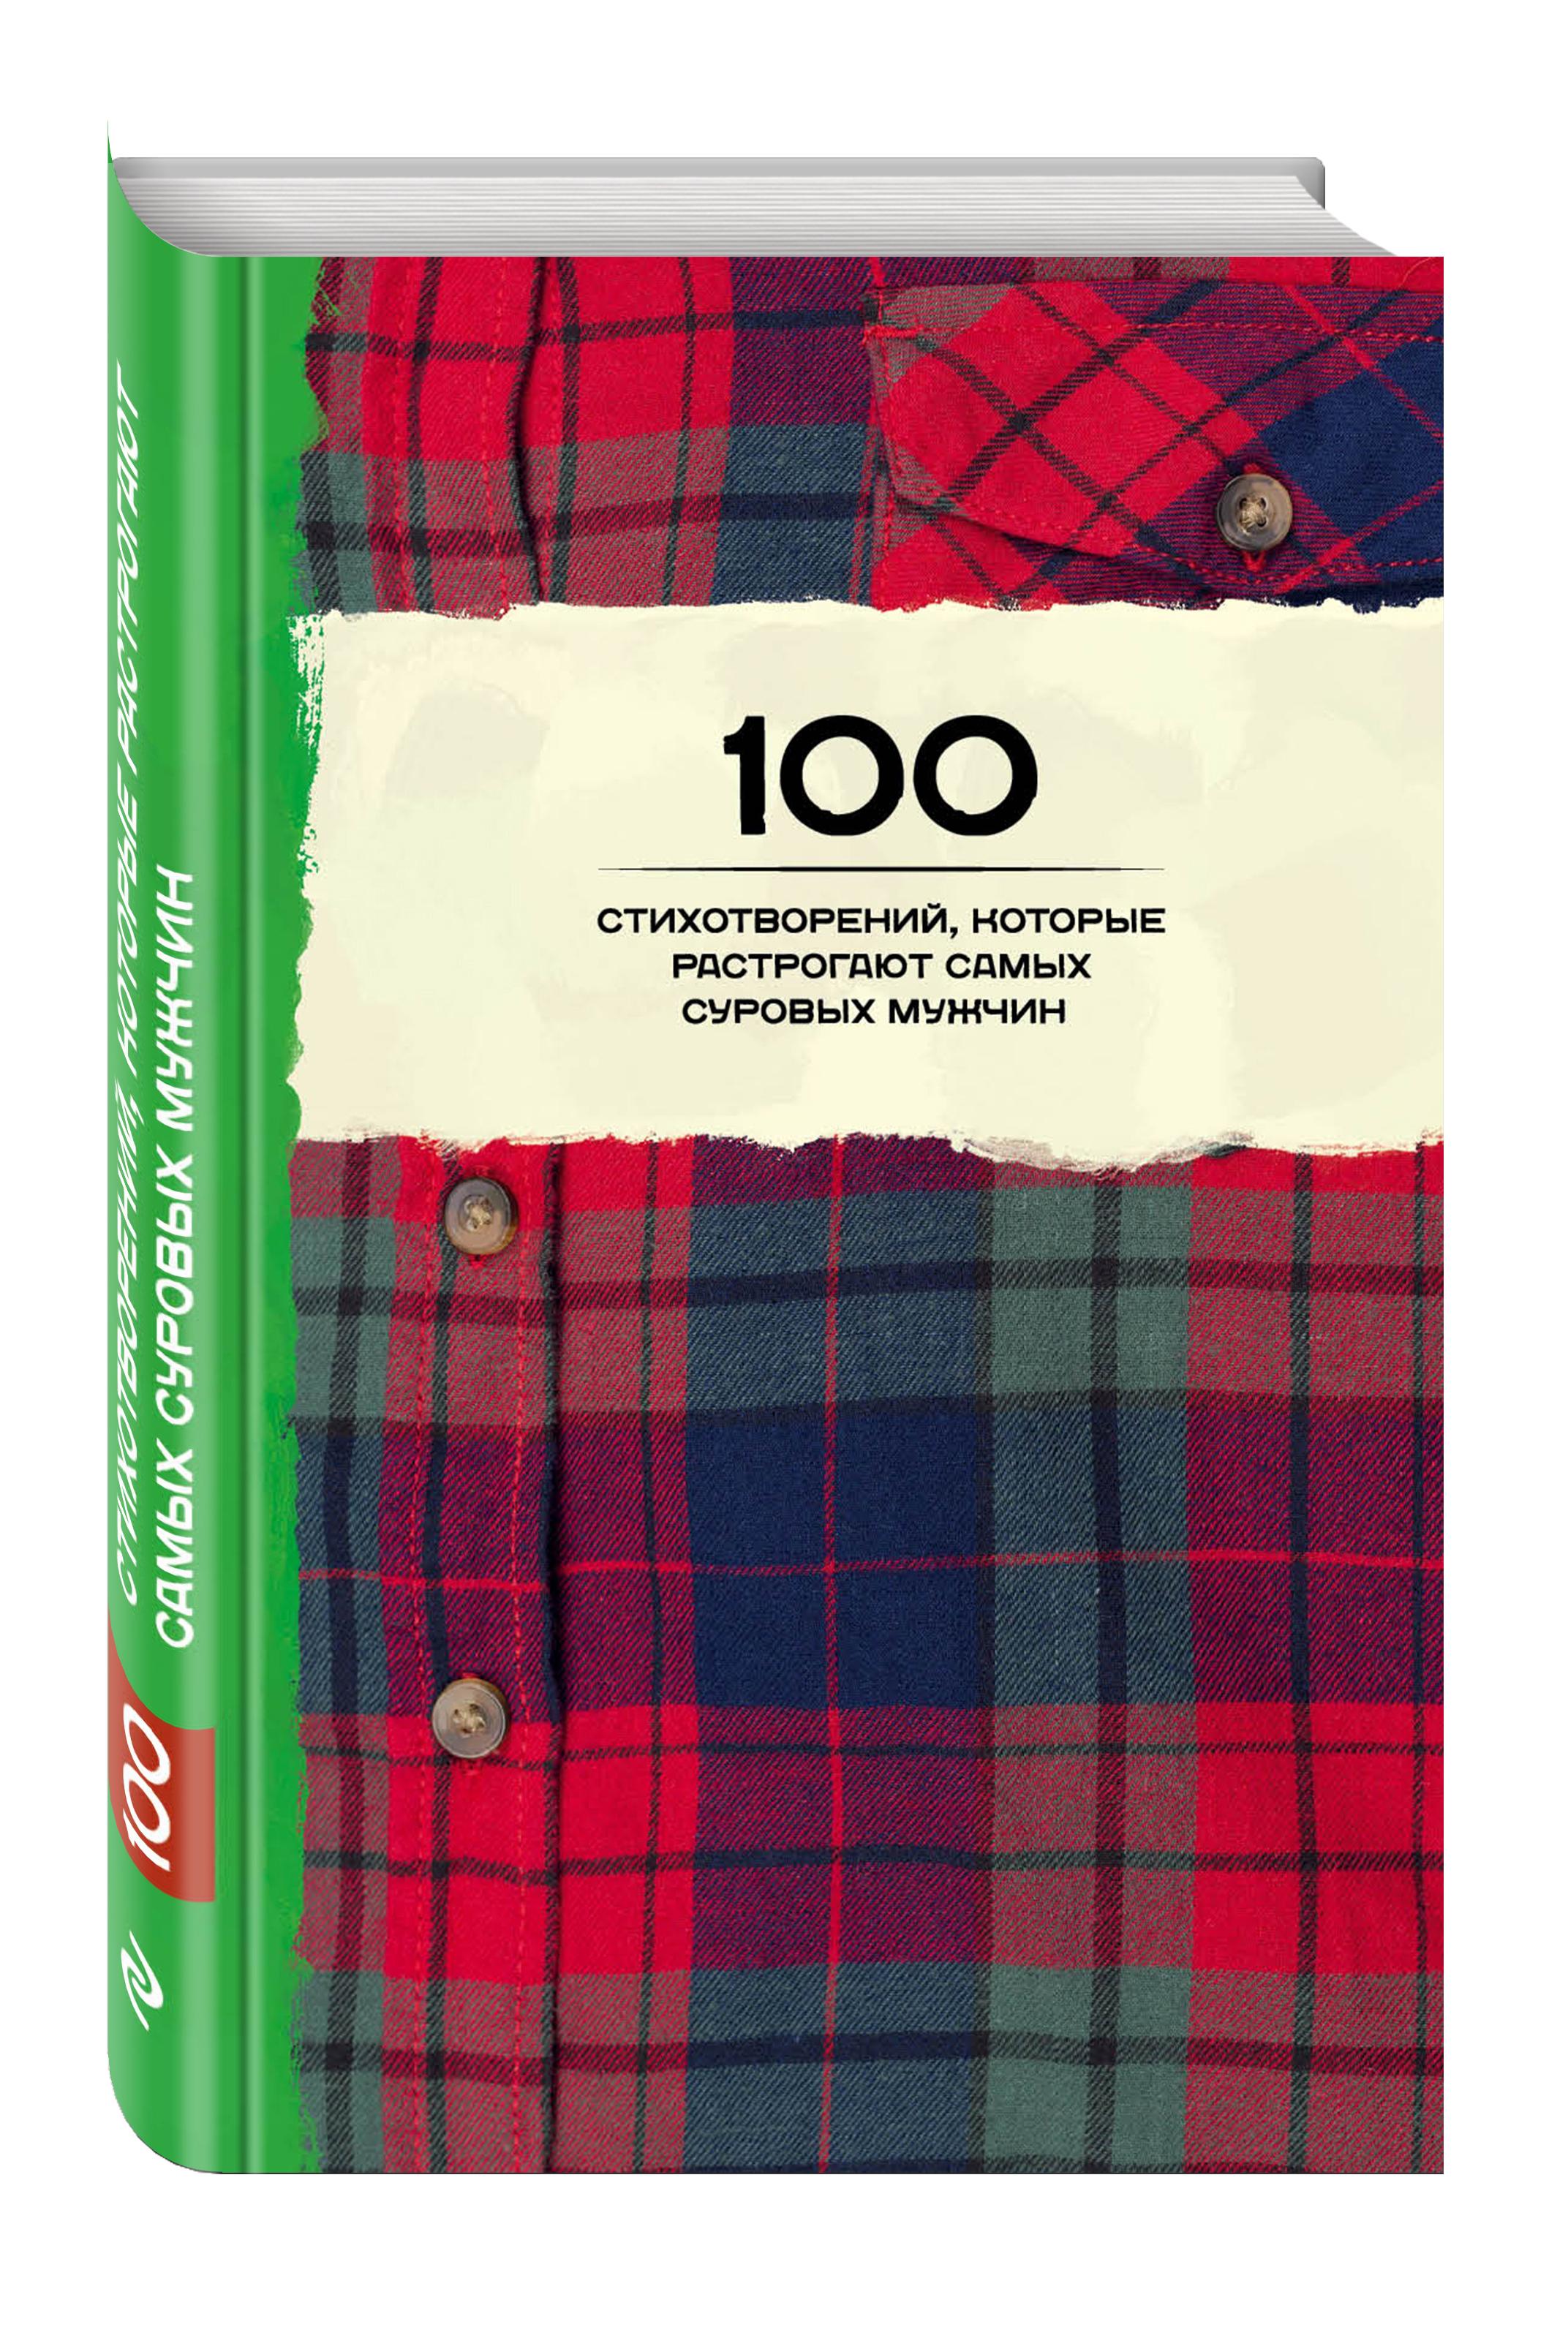 100 стихотворений, которые растрогают самых суровых мужчин ( Пушкин А.С., Блок А.А., Ахматова А.А. и др.  )